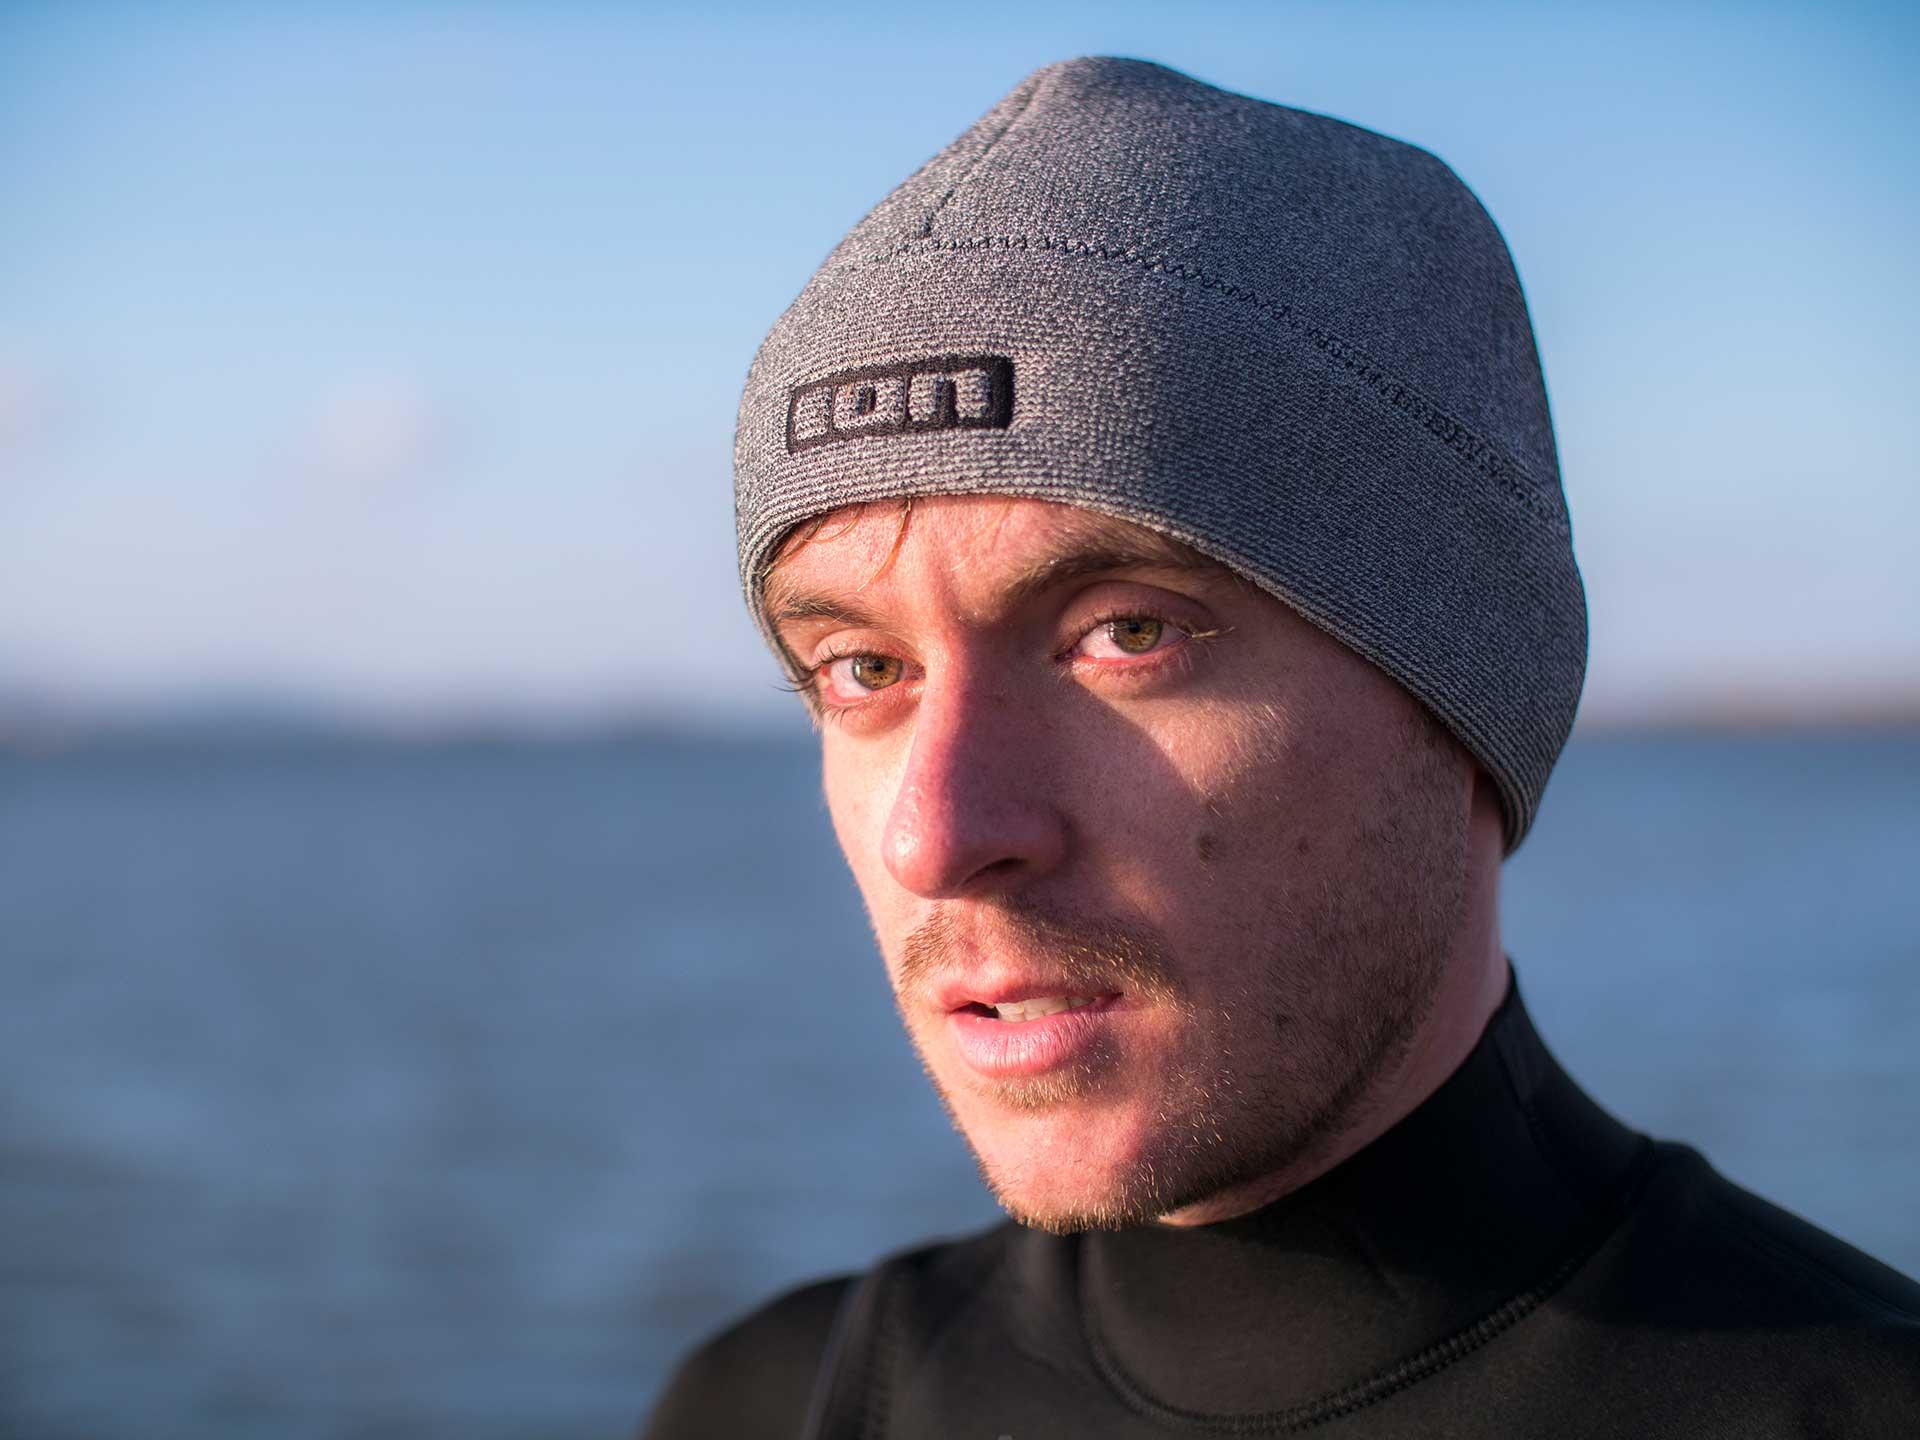 cappello-neoprene-kitesurf-ION-01